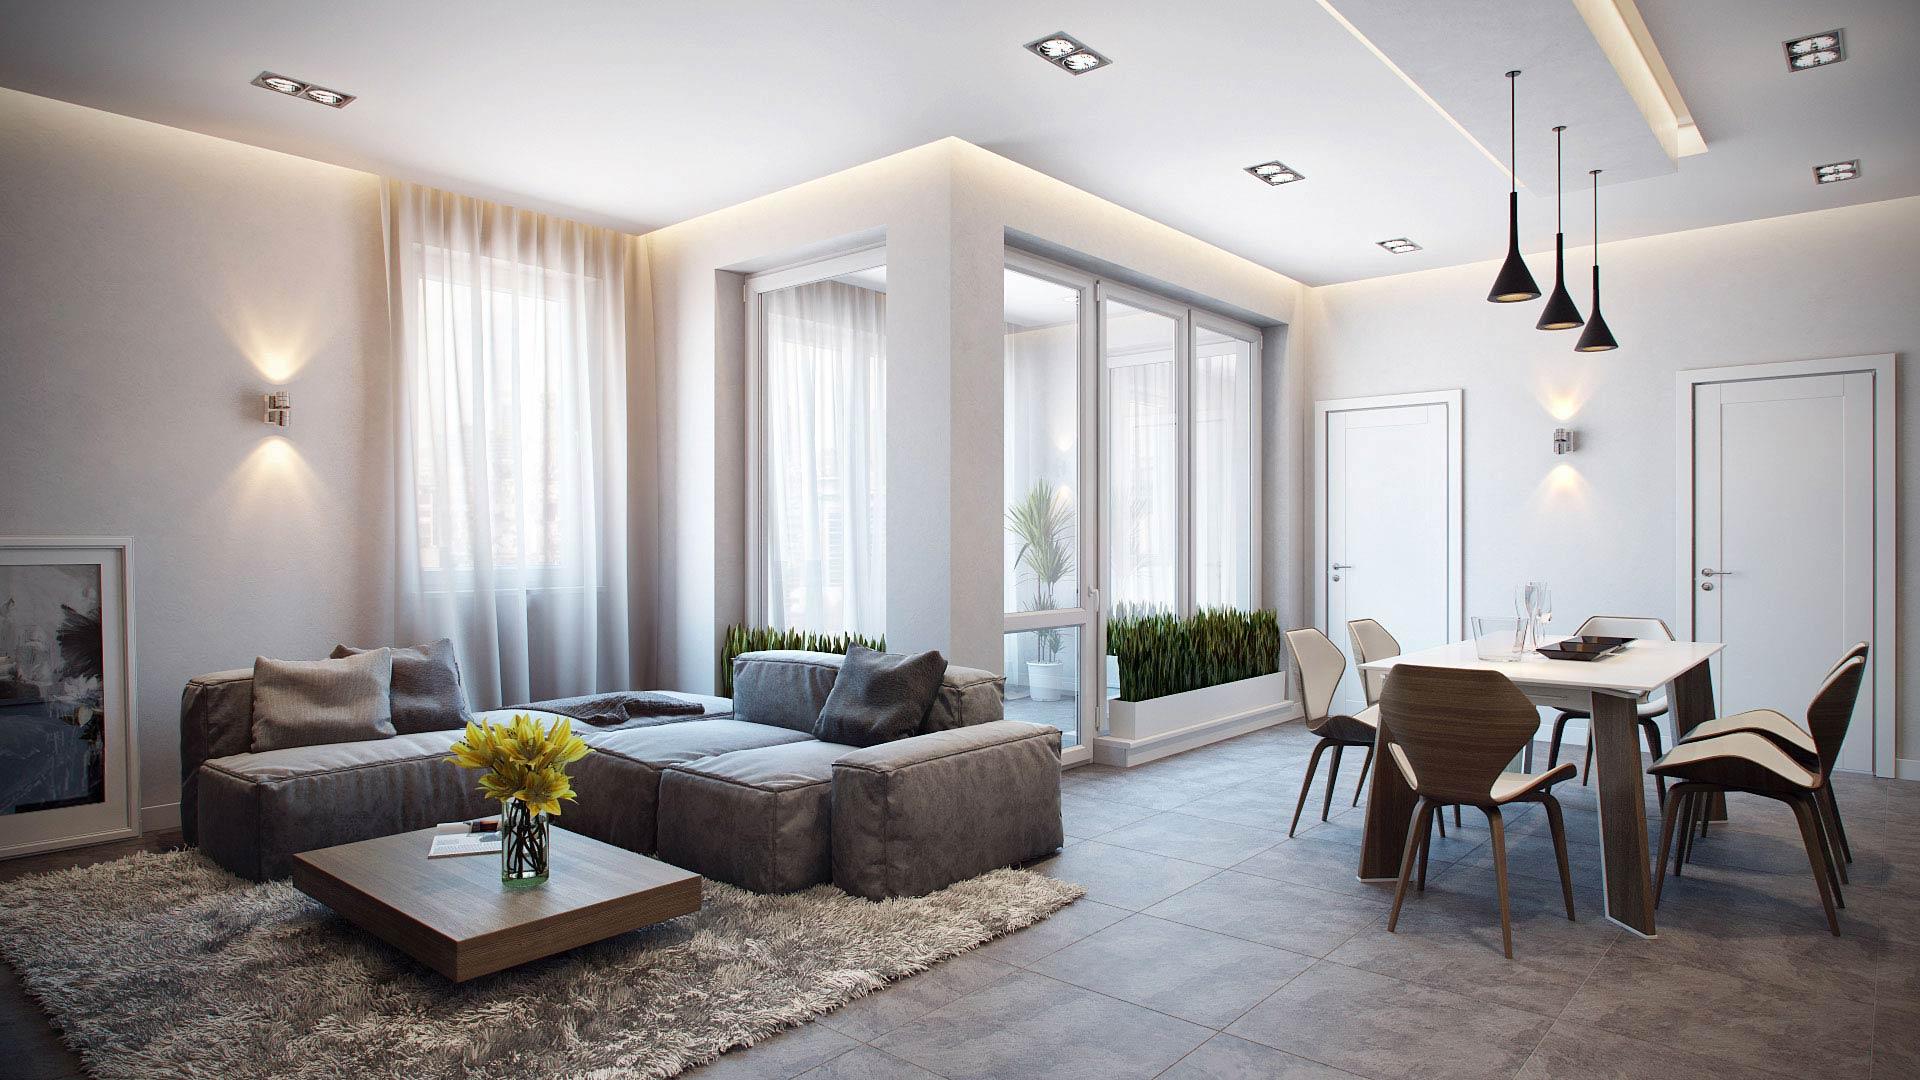 Ремонт квартиры в стиле минимализм - наш любимый стиль!